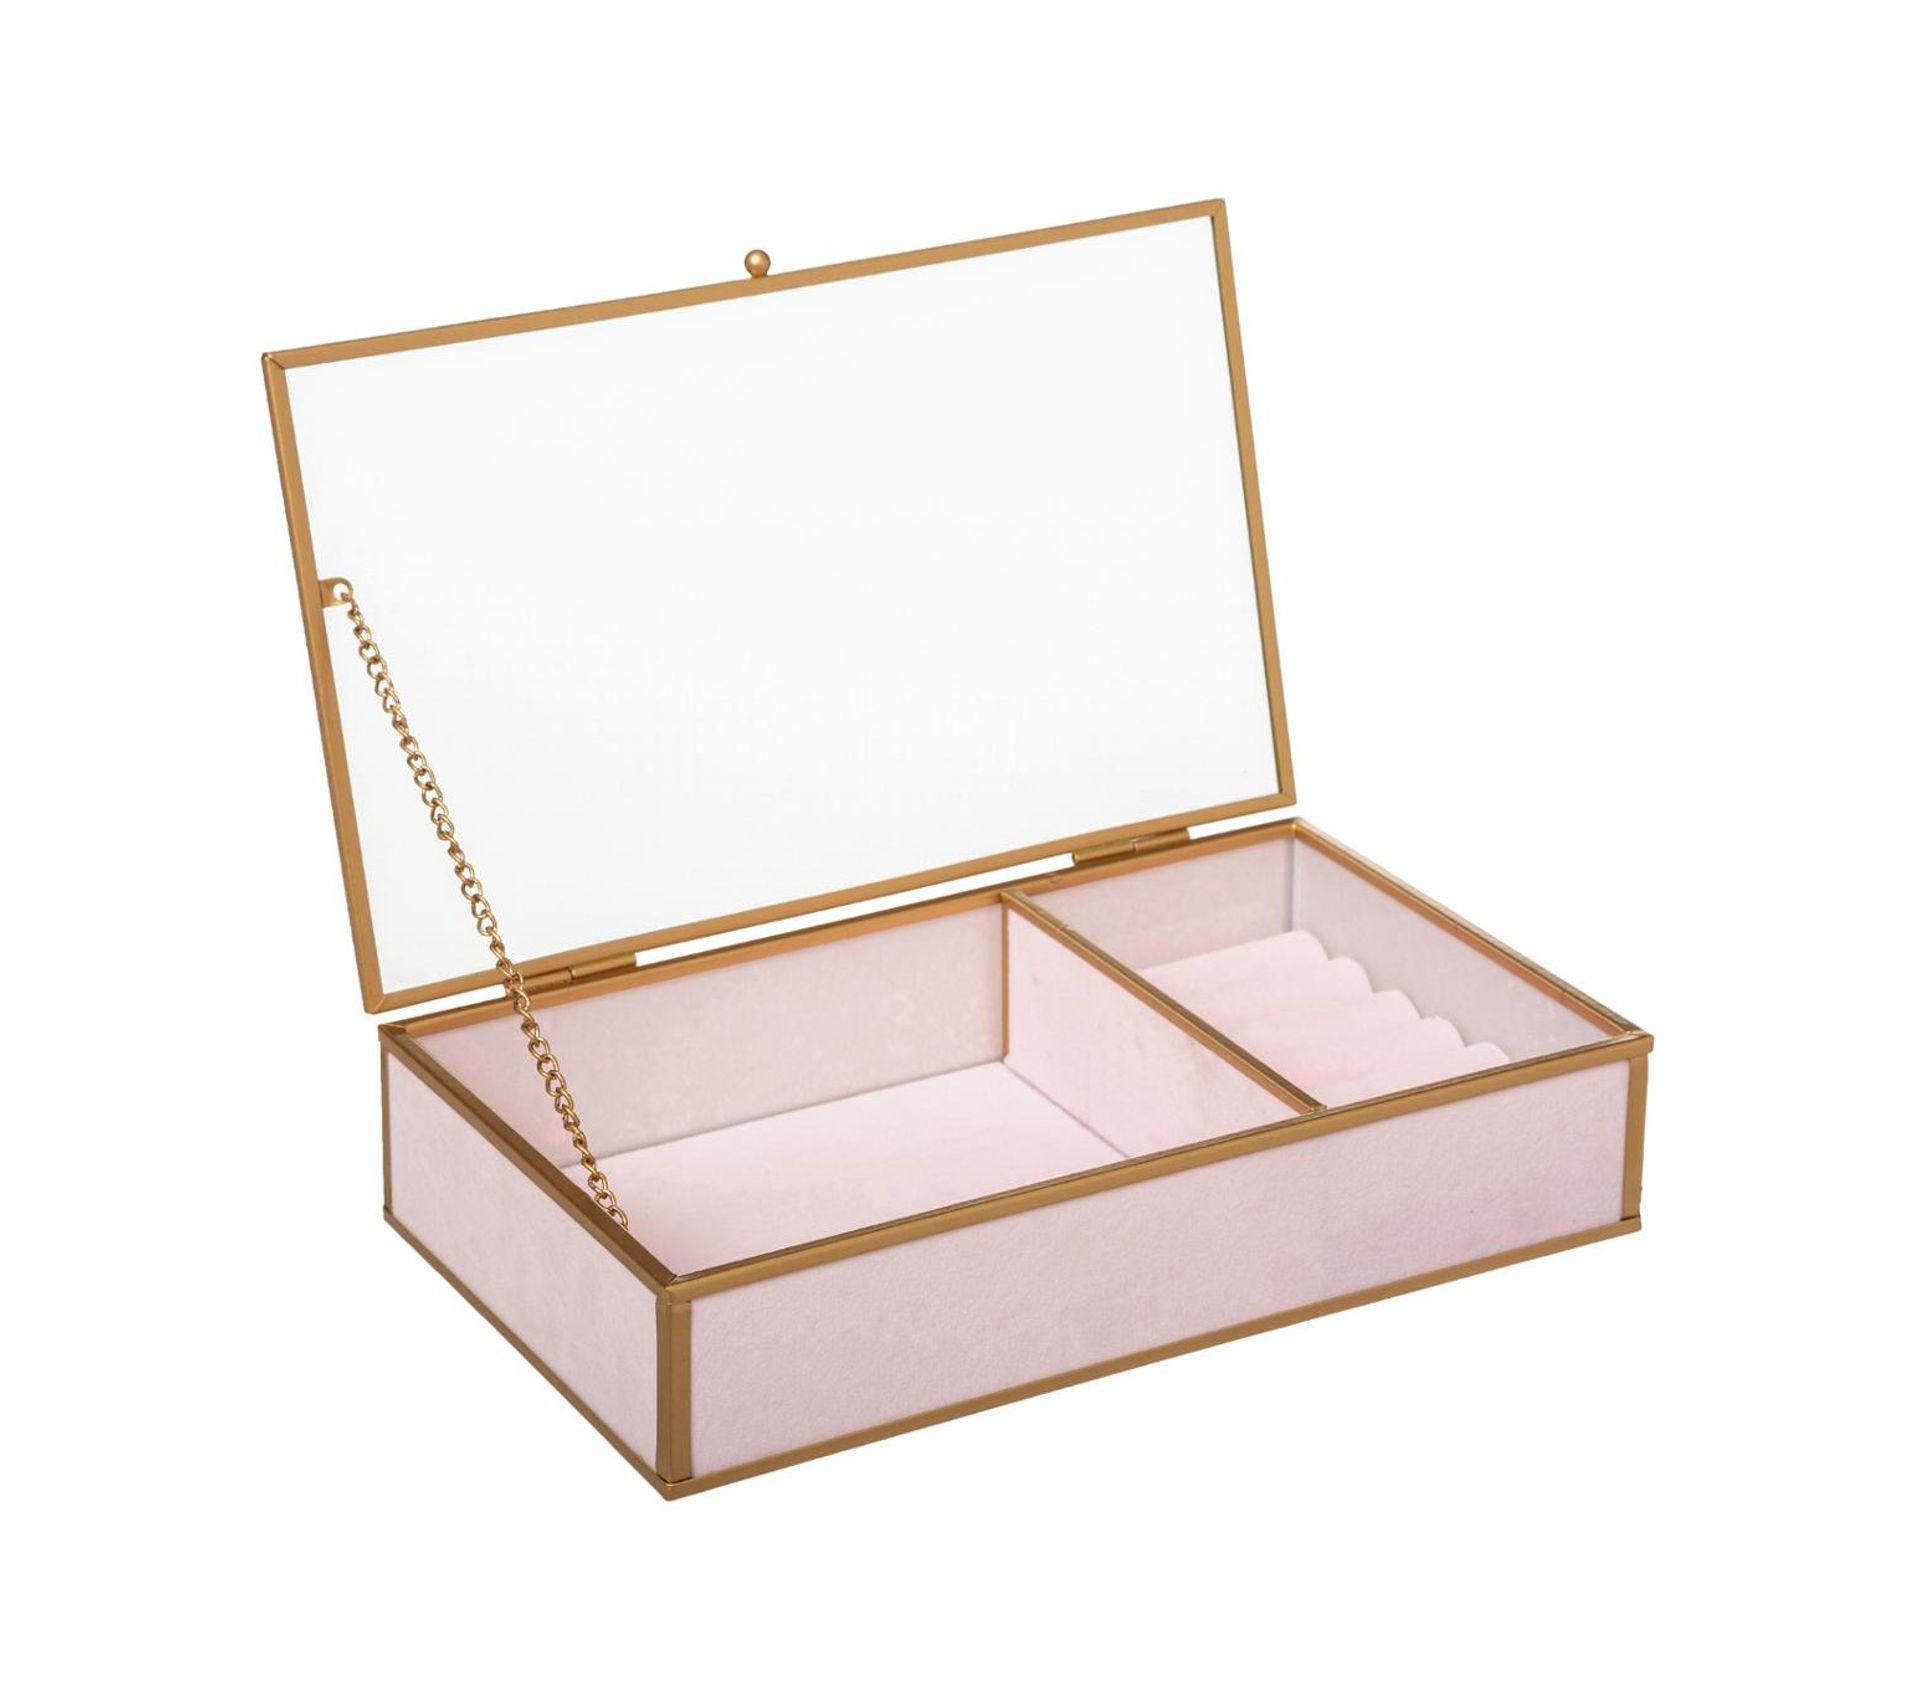 boite a bijoux en verre velours et metal dore l 23 cm